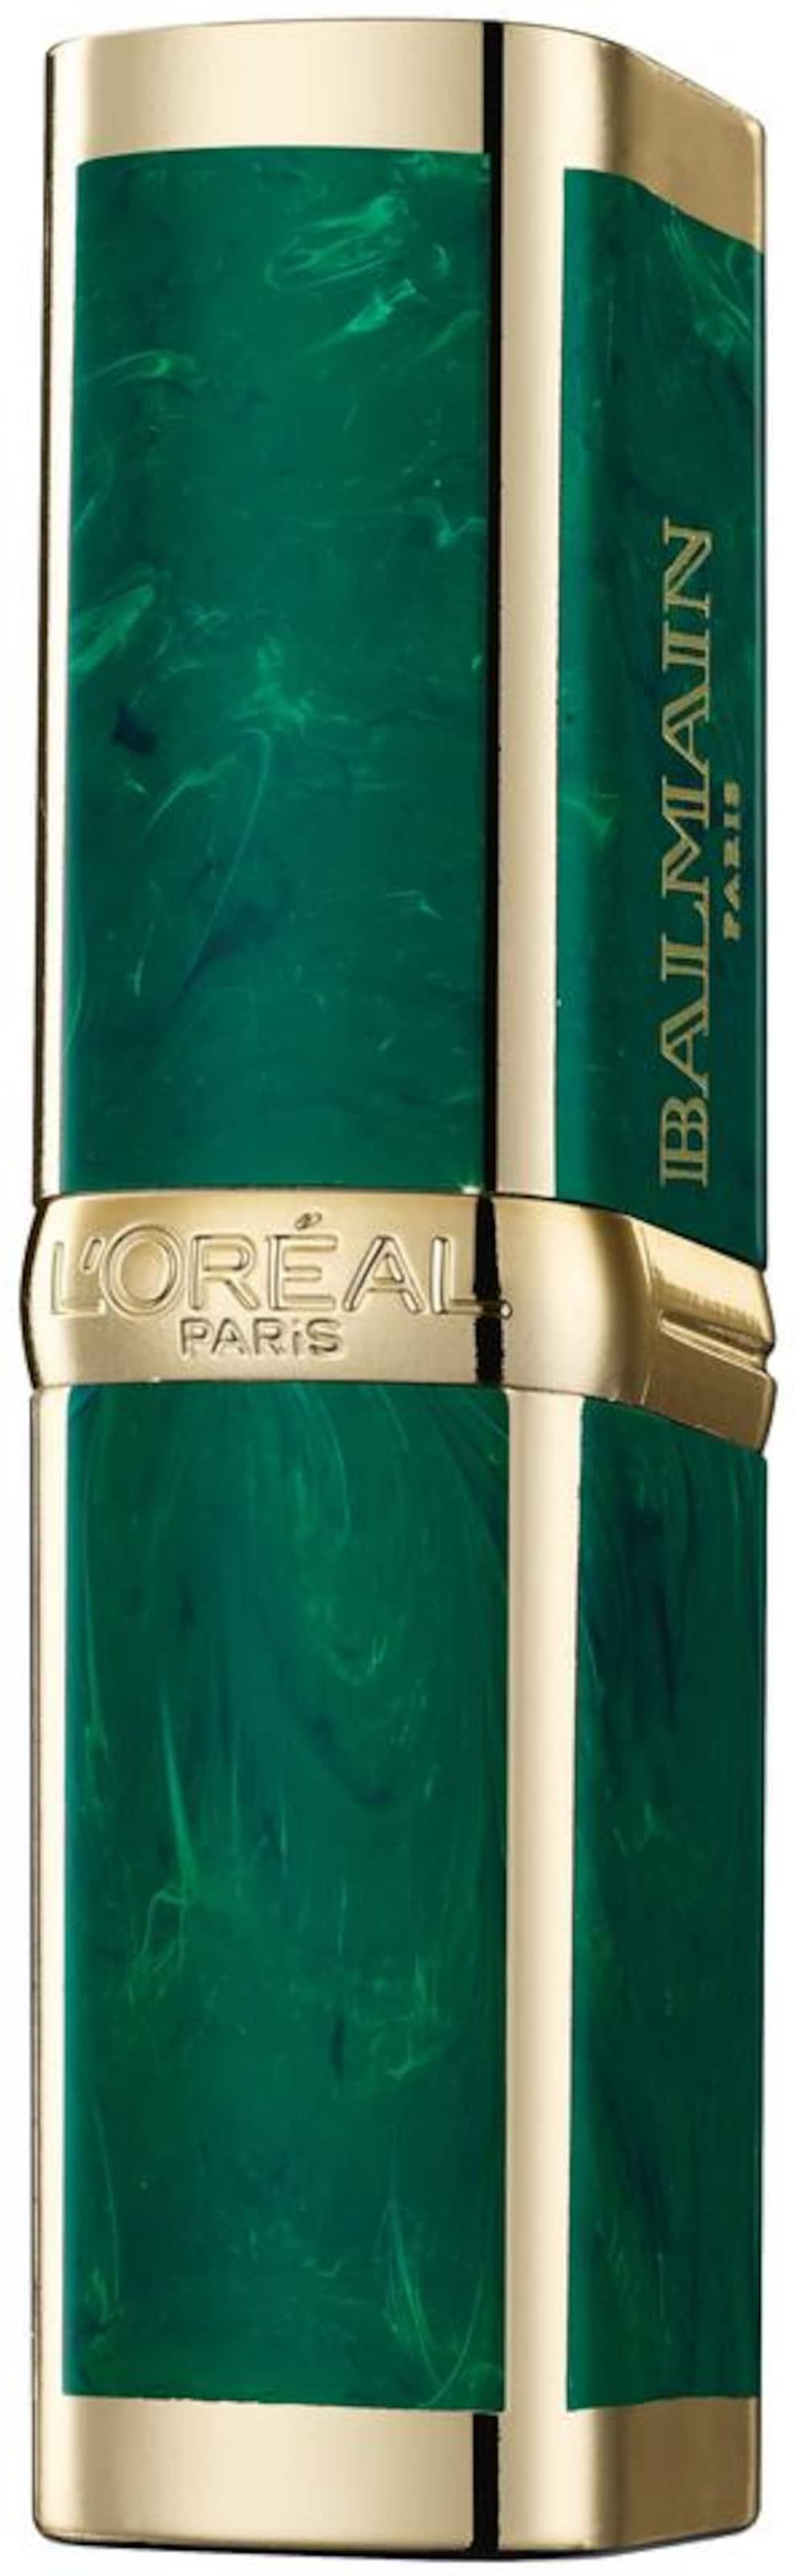 L'Or茅al Riche Balmain' Balmain' Lippenstift 'Color 'Color L'Or茅al Paris Lippenstift Riche Paris qaatX6w